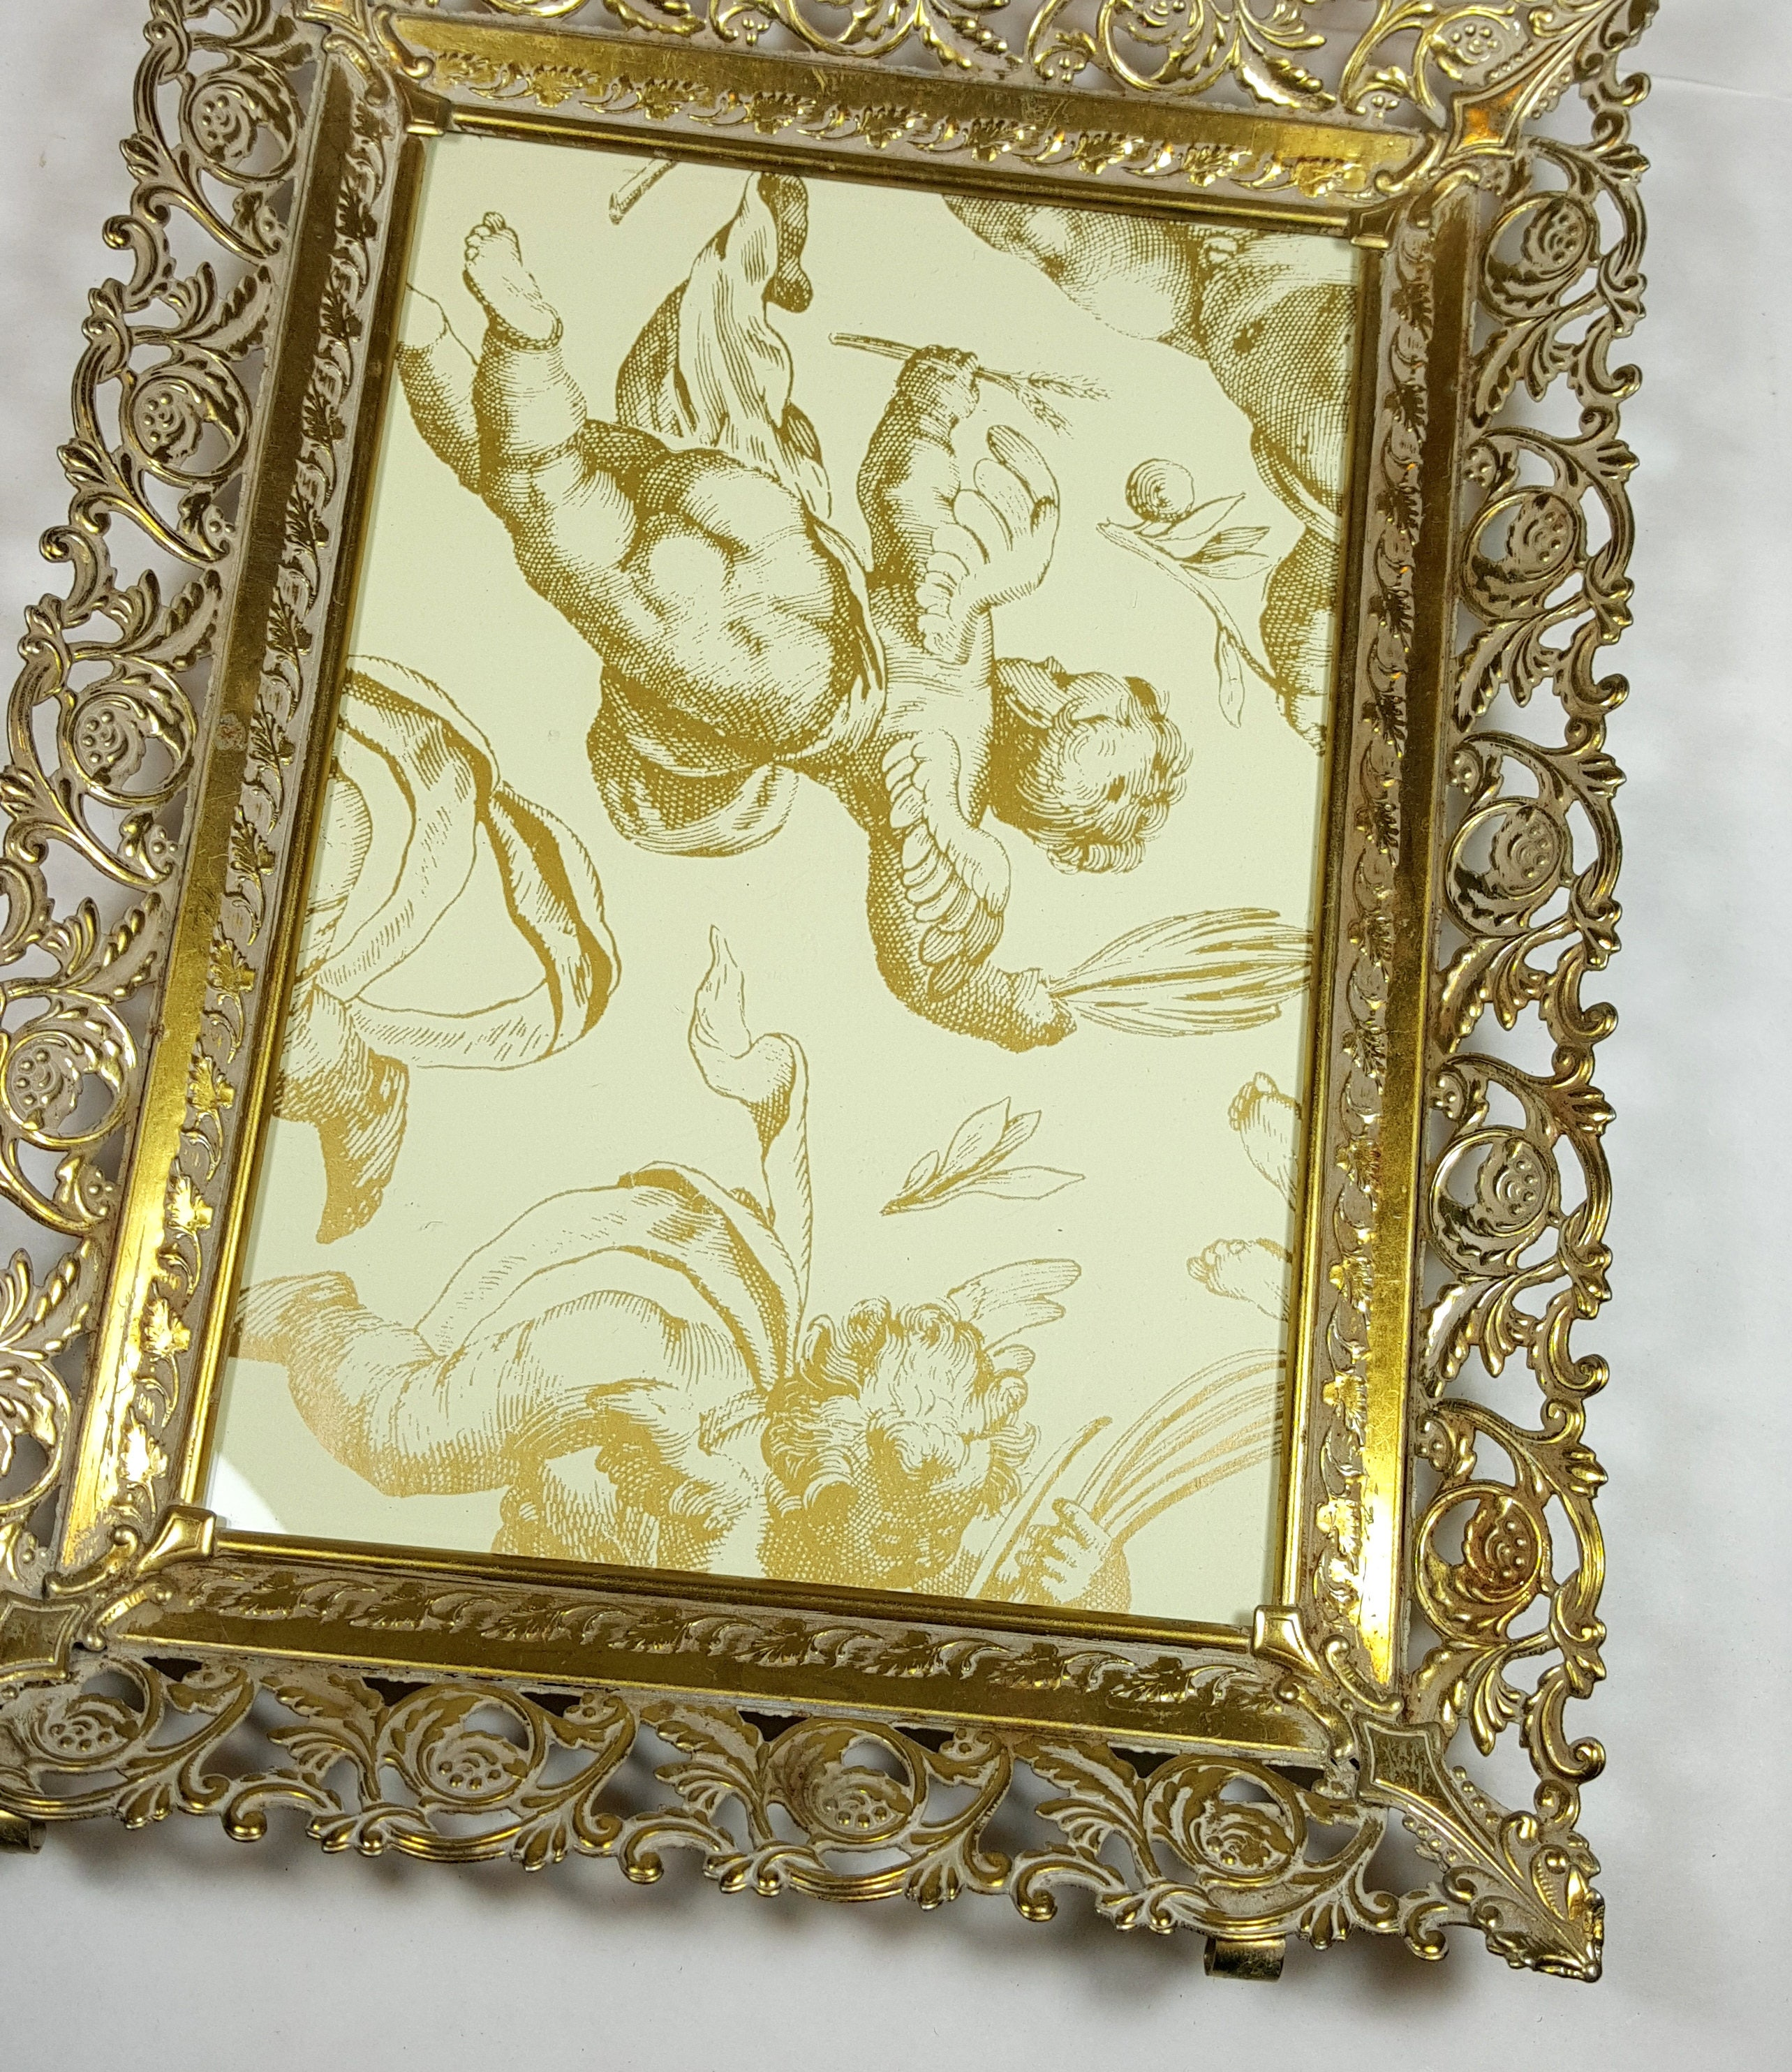 Bonito Marco De 5x7 Blanco Imagen - Ideas Personalizadas de Marco de ...